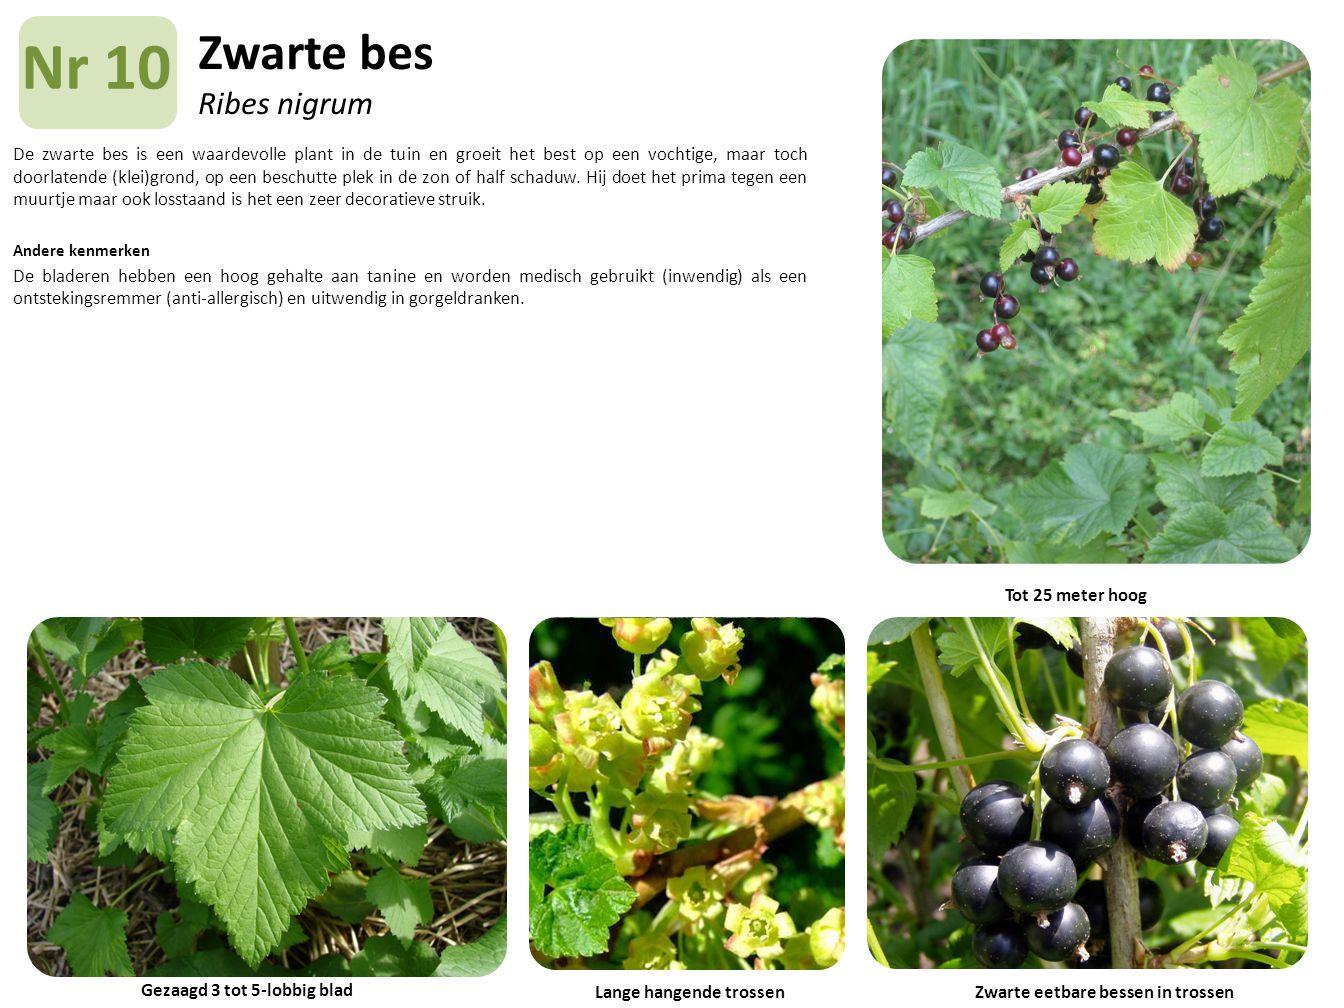 Zwarte bes Ribes nigrum